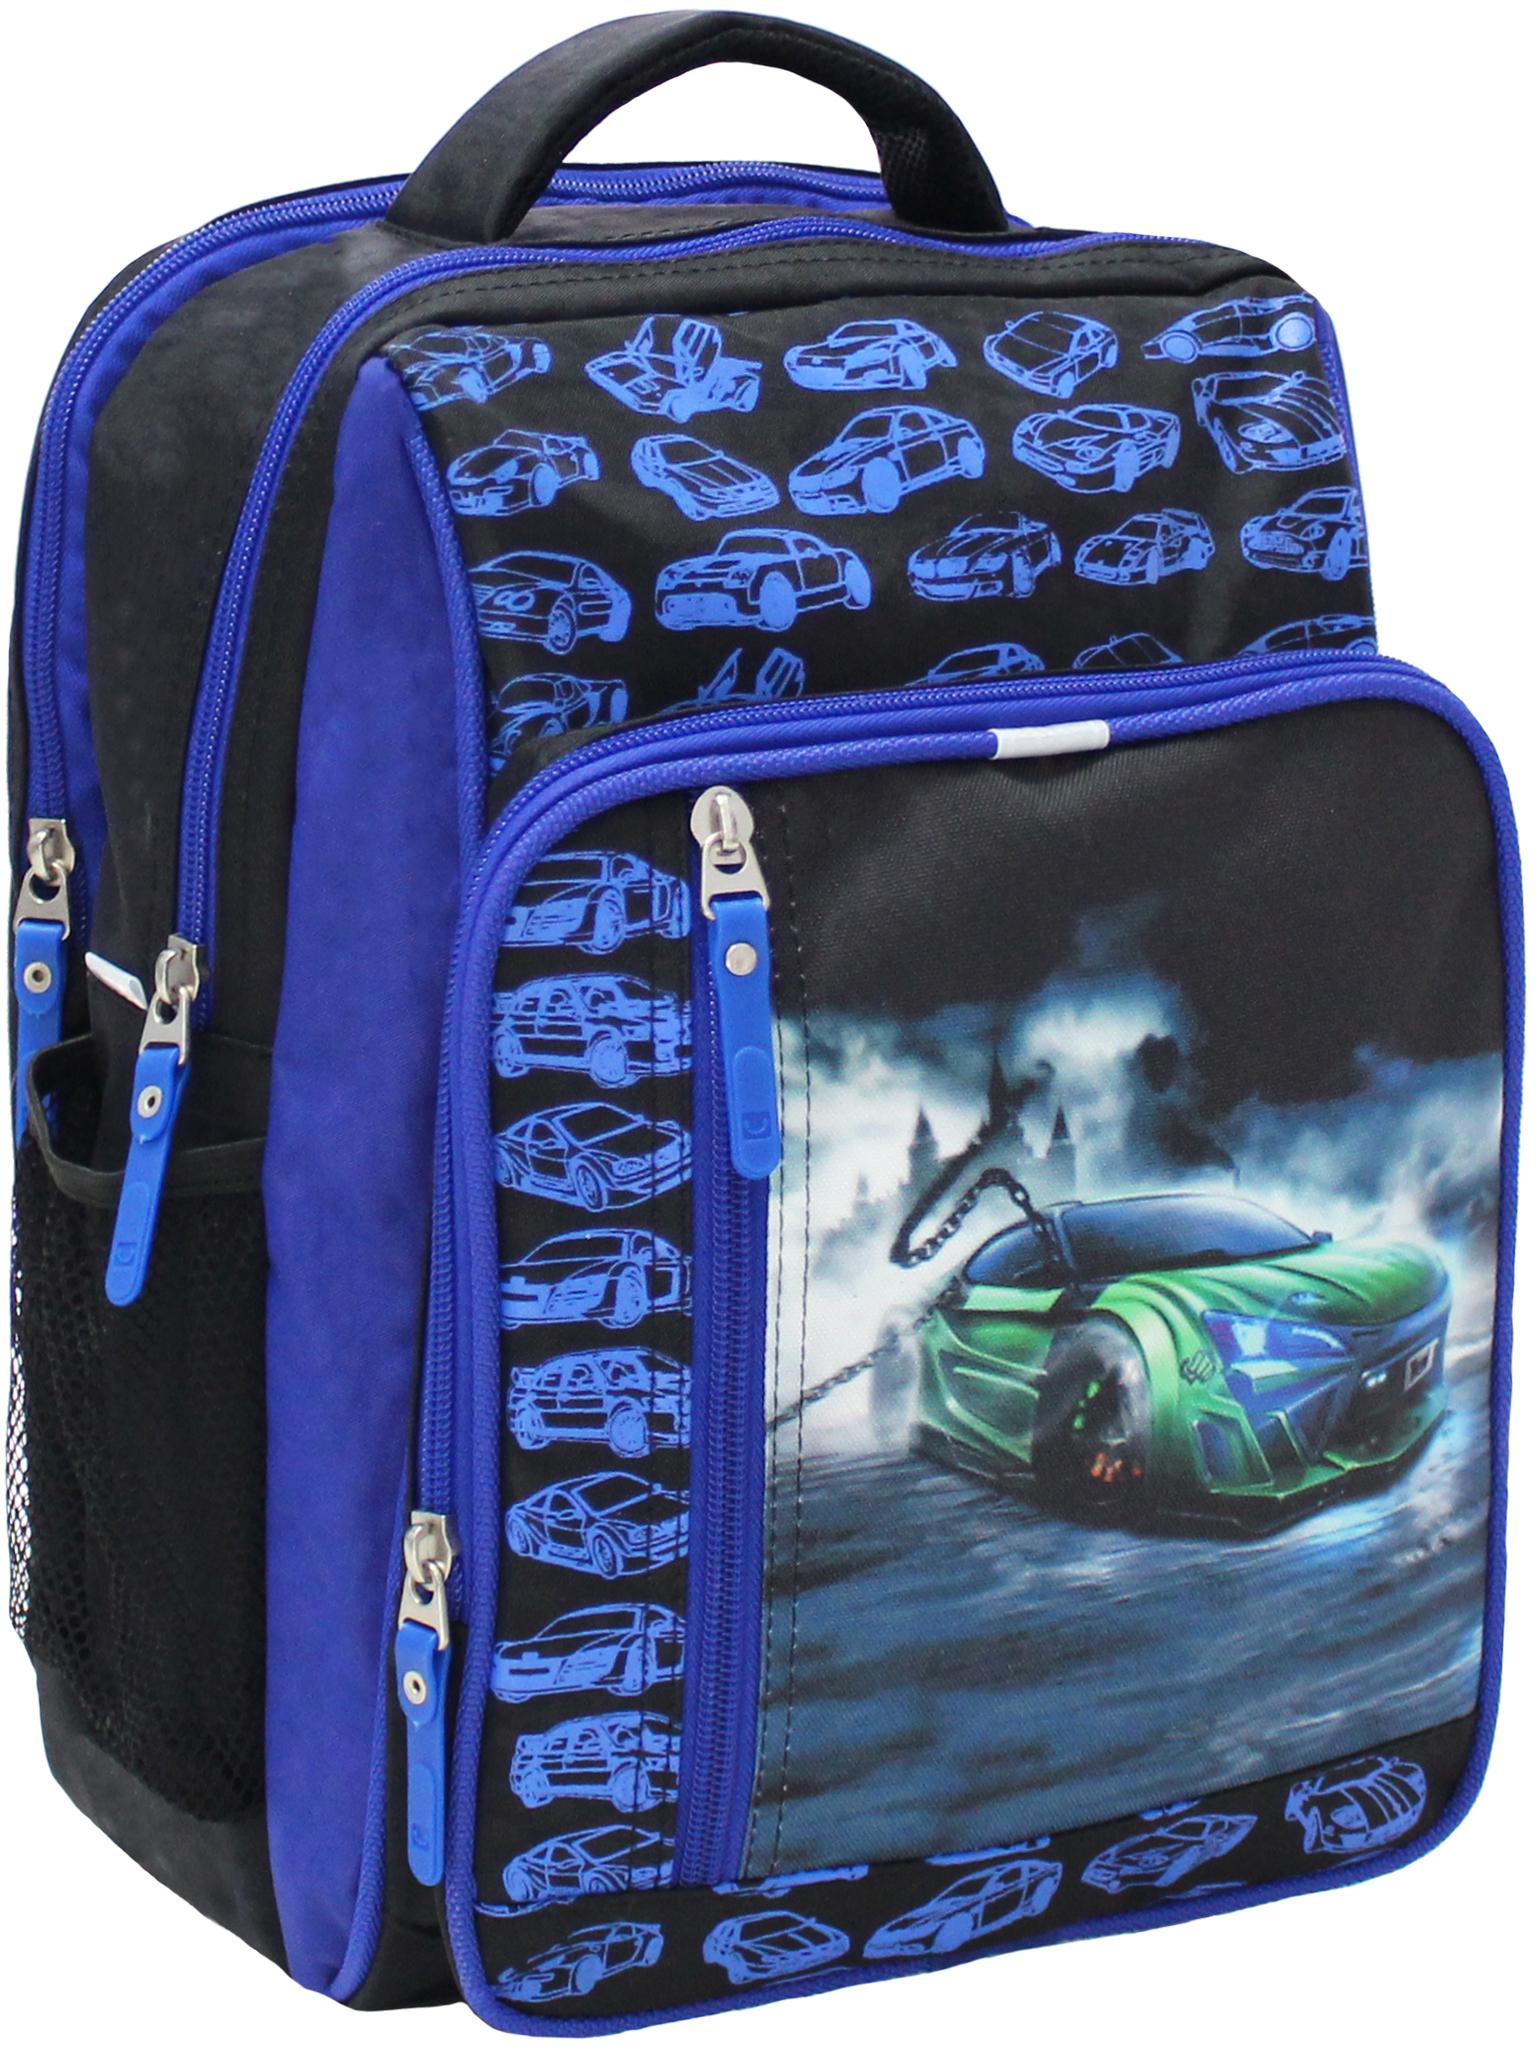 Школьные рюкзаки Рюкзак школьный Bagland Школьник 8 л. чорний 3 м (00112702) IMG_5253.JPG